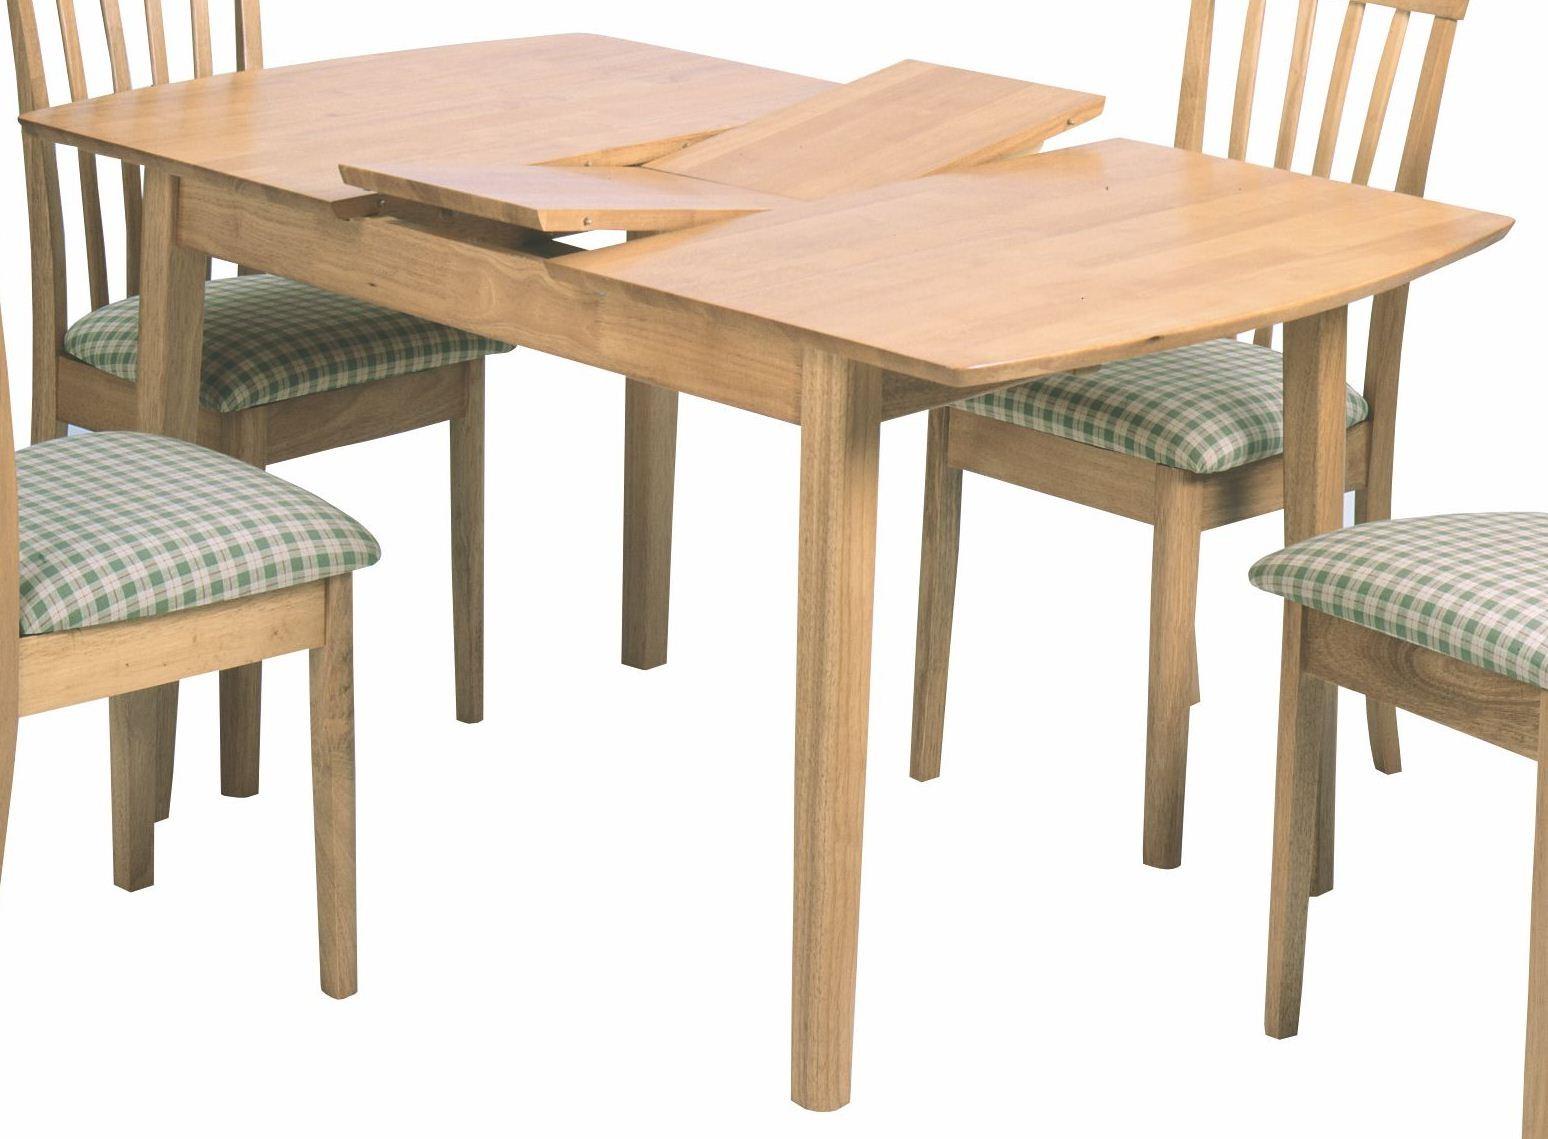 lisa natural dining table from homelegance 801m coleman furniture. Black Bedroom Furniture Sets. Home Design Ideas